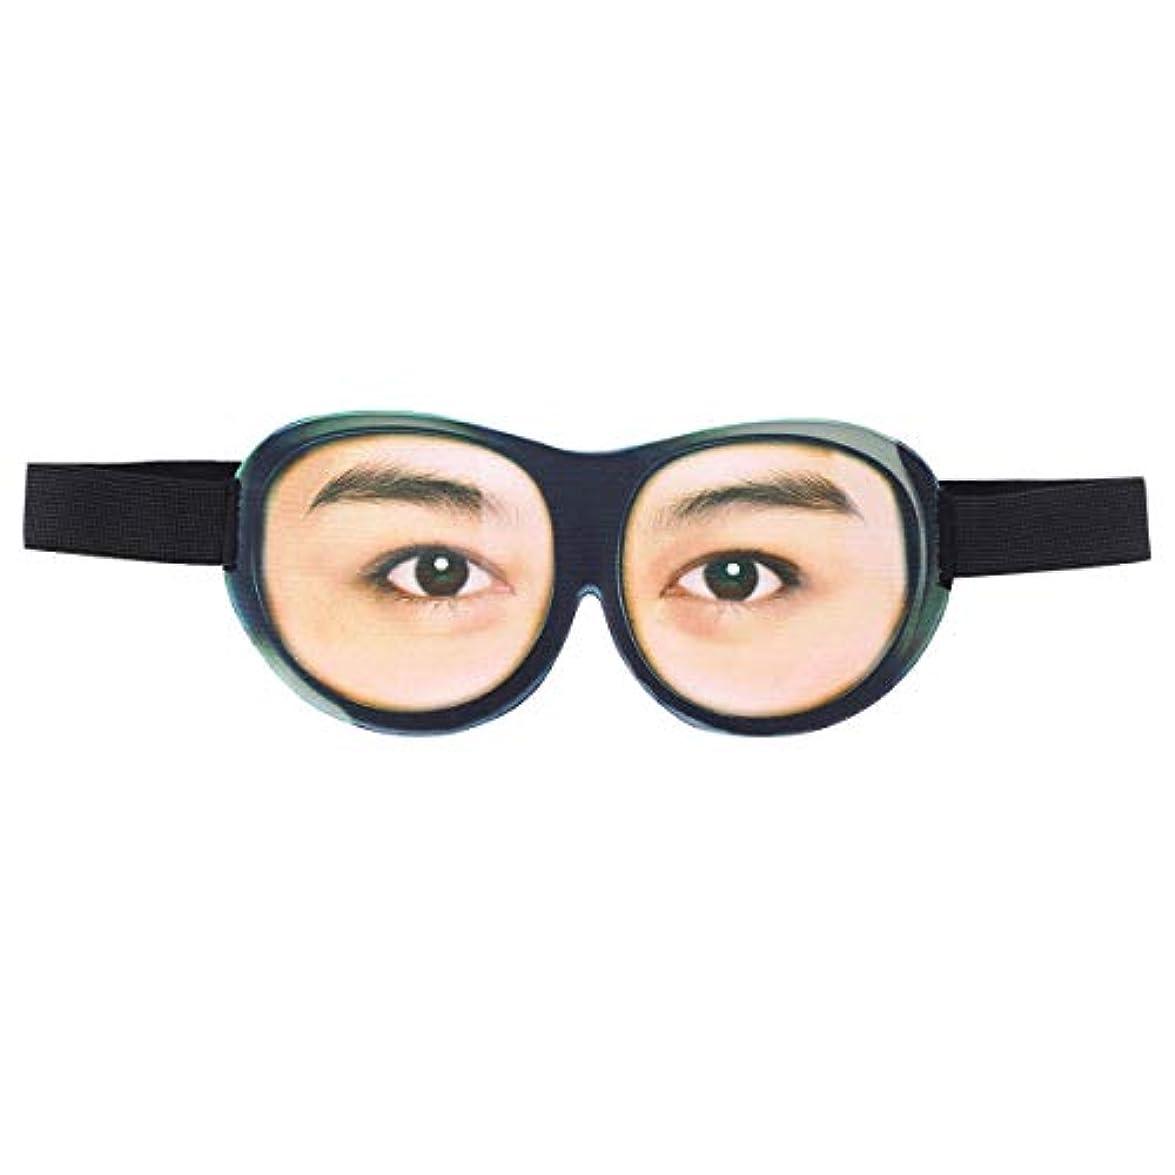 すみません比類なき湿原Healifty 3D面白いアイシェード睡眠マスク旅行アイマスク目隠し睡眠ヘルパーアイシェード男性女性旅行昼寝と深い眠り(優しいふりをする)